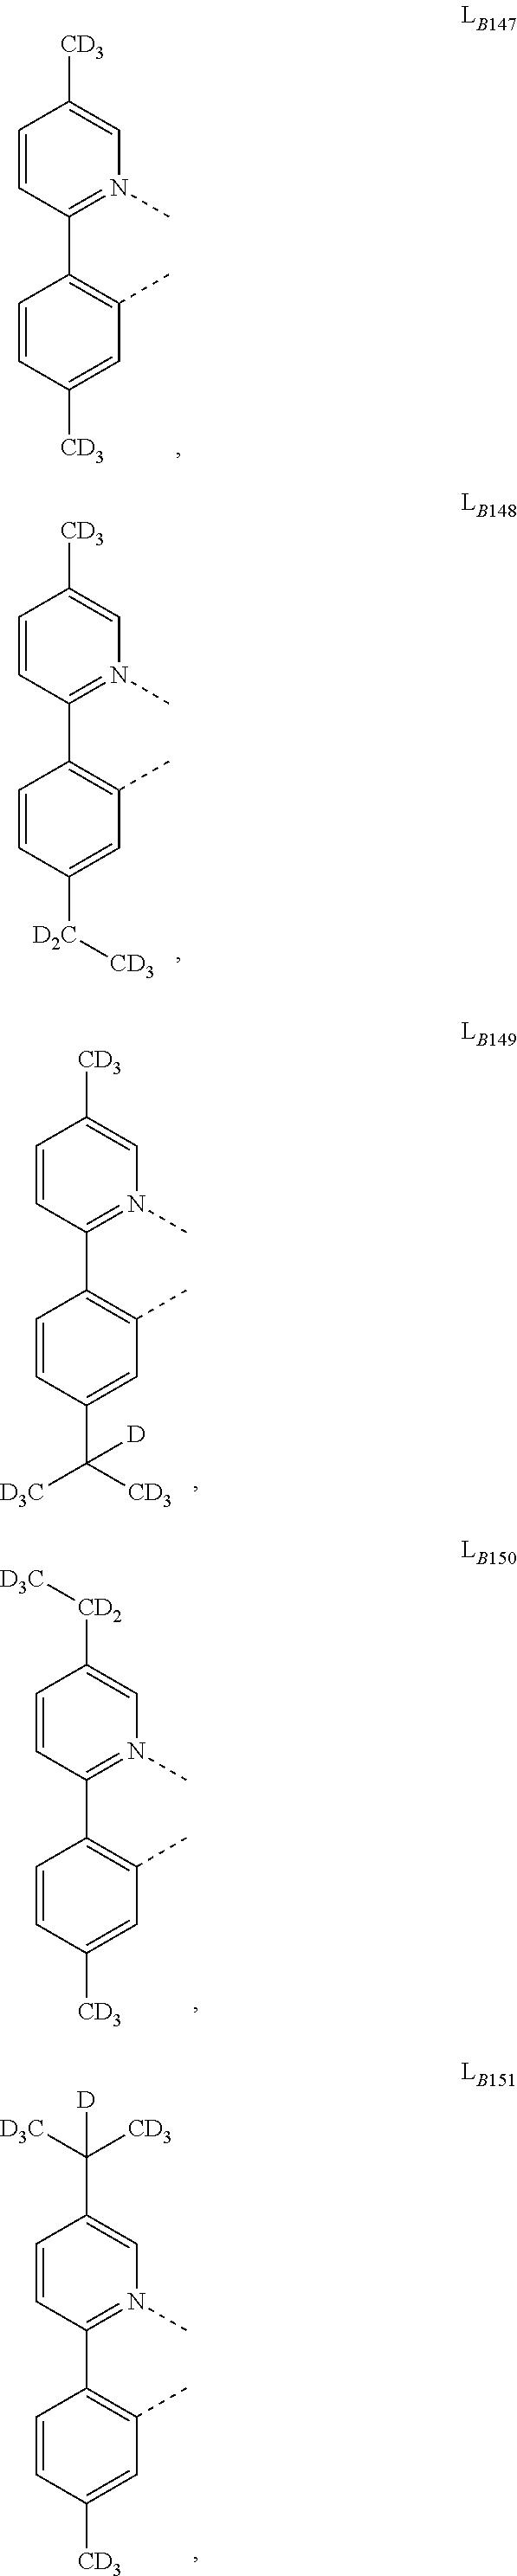 Figure US20160049599A1-20160218-C00143